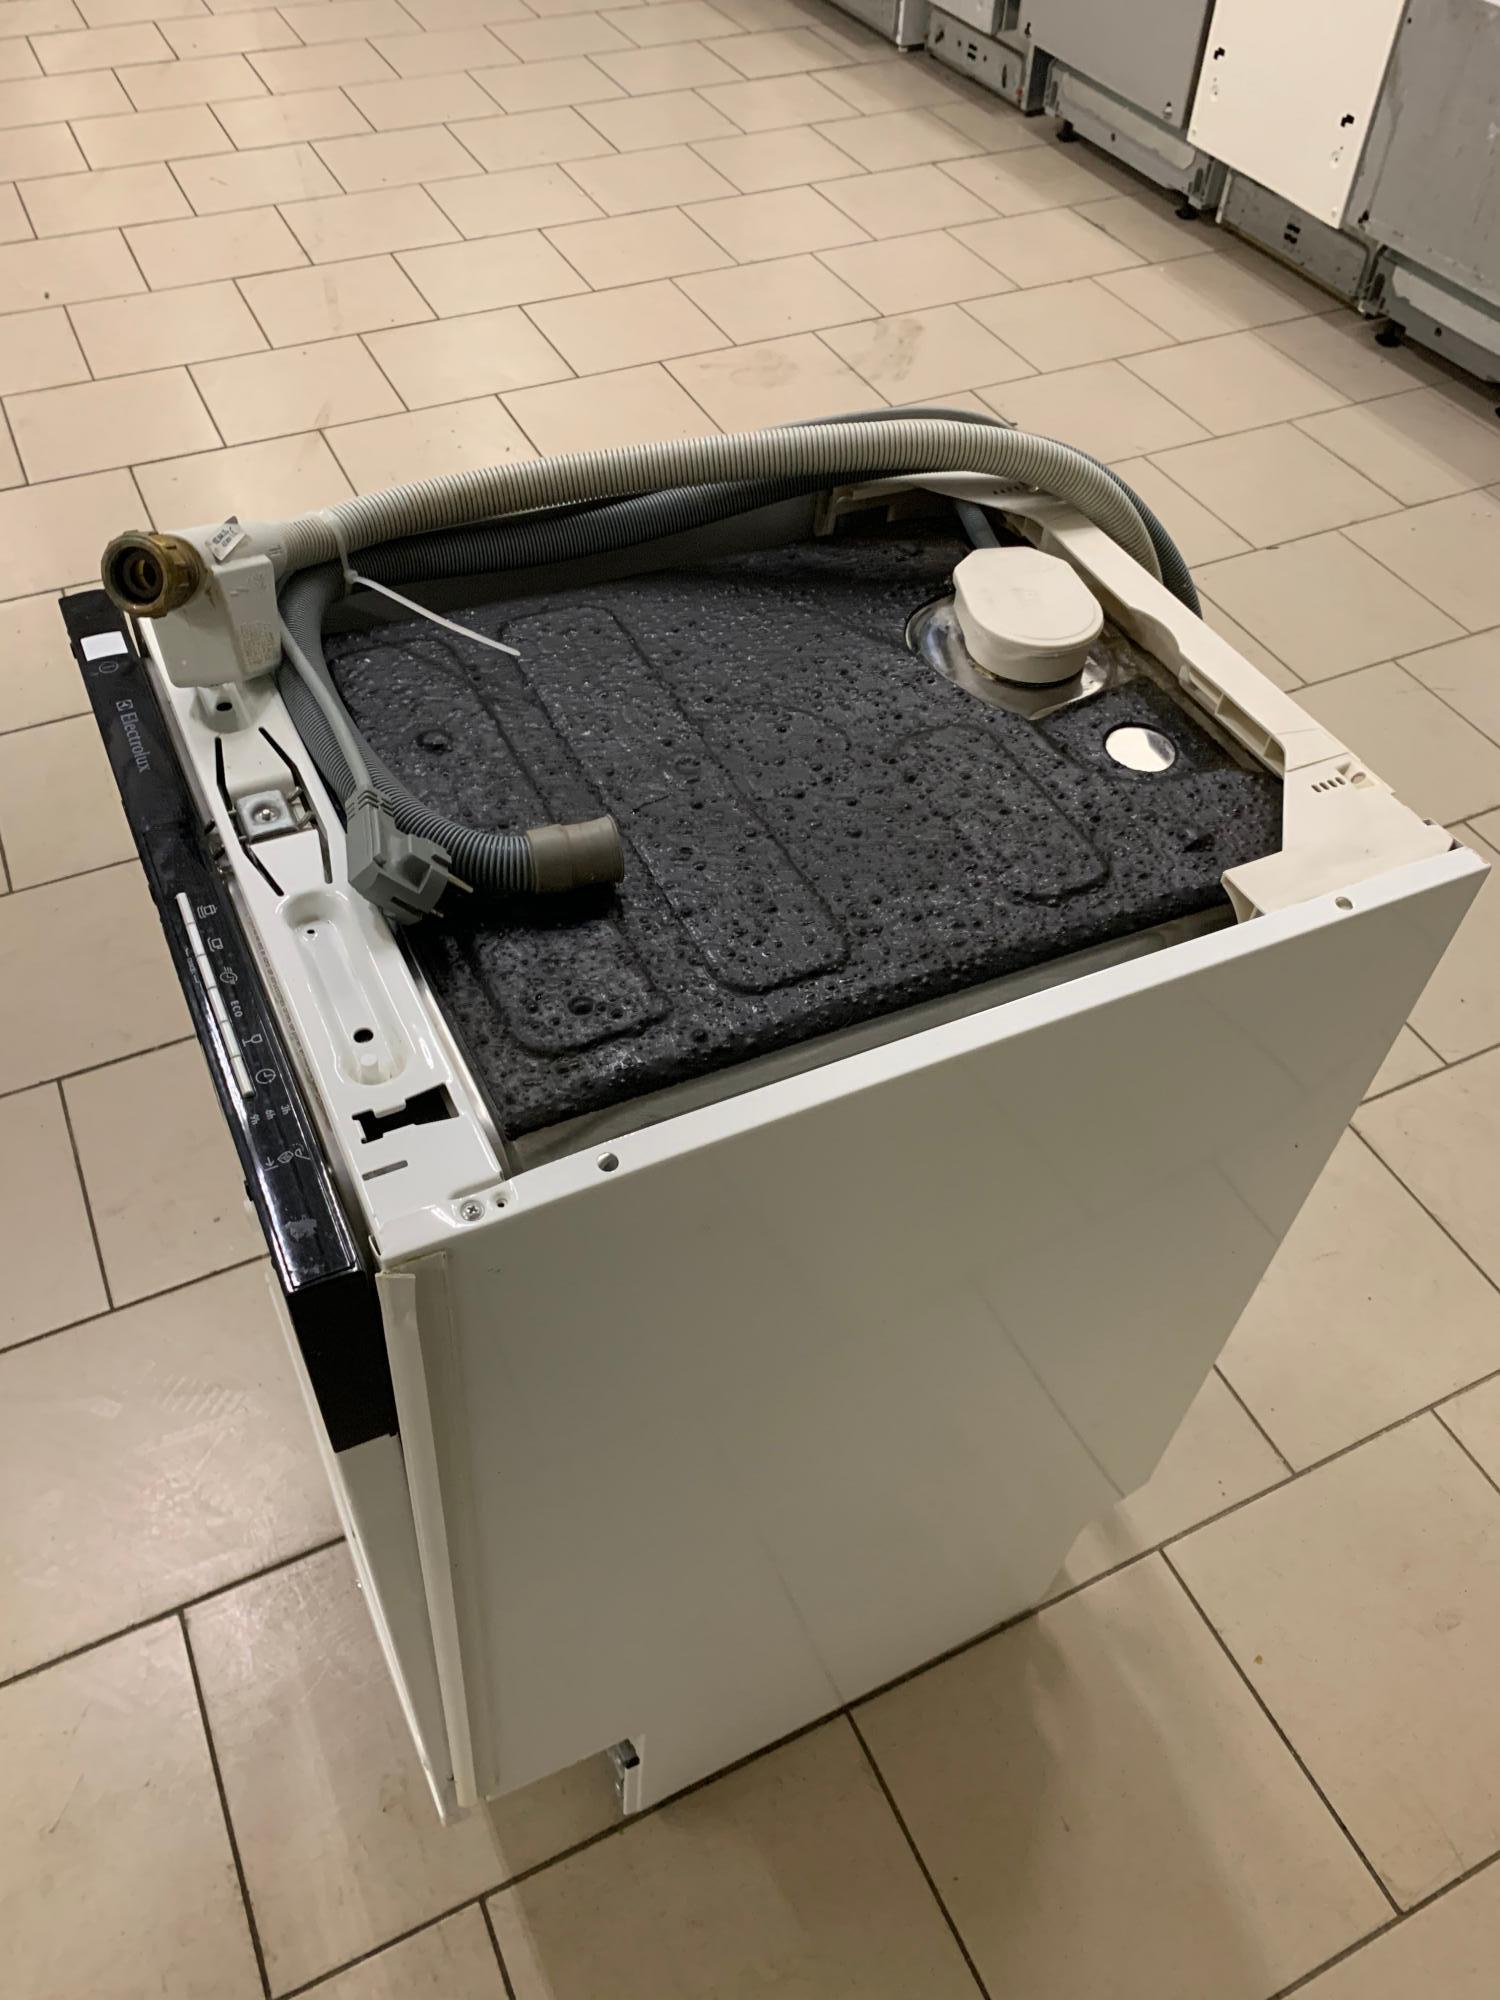 Посудомоечная машина б/у Electrolux ESL 45010 в Москве 89264600406 купить 3